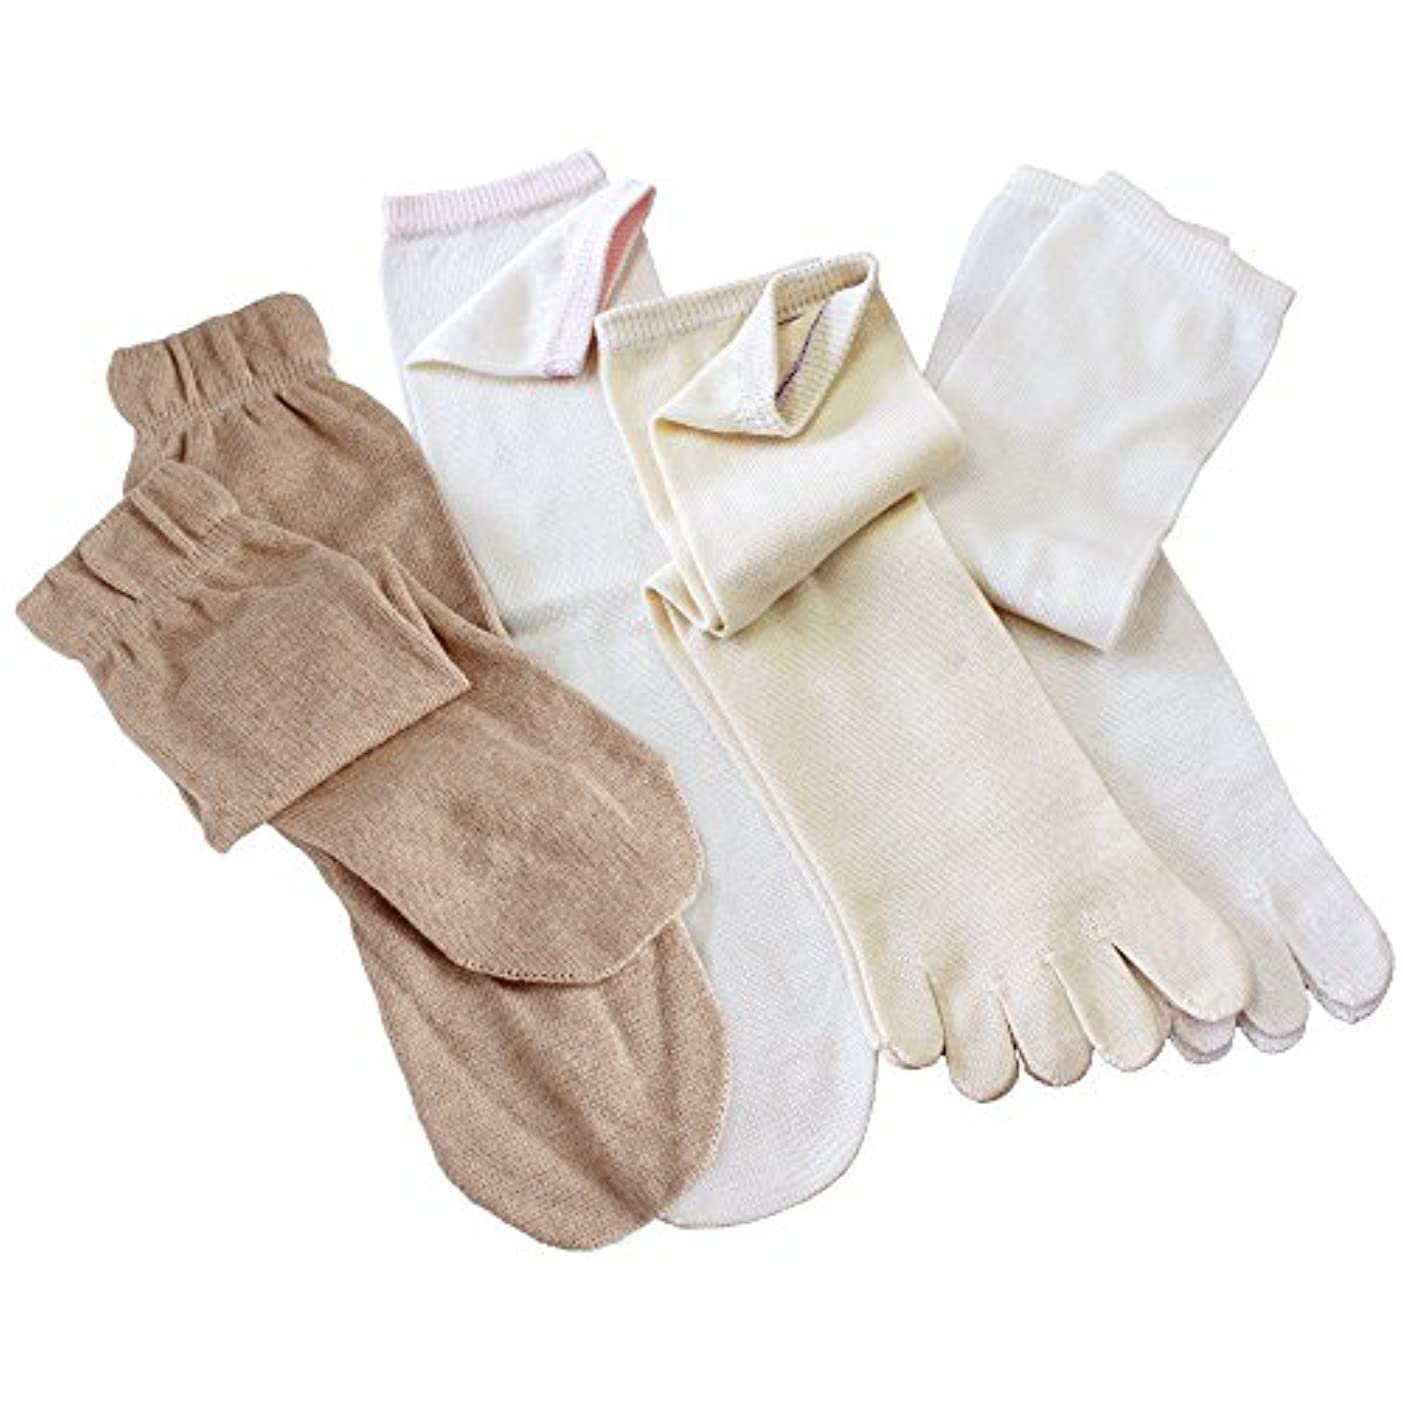 クラッシュ呪われたキャンディーhiorie(ヒオリエ) 日本製 冷えとり靴下 シルク&コットン 5本指ソックス(重ねばき専用 4足セット) 正絹 綿